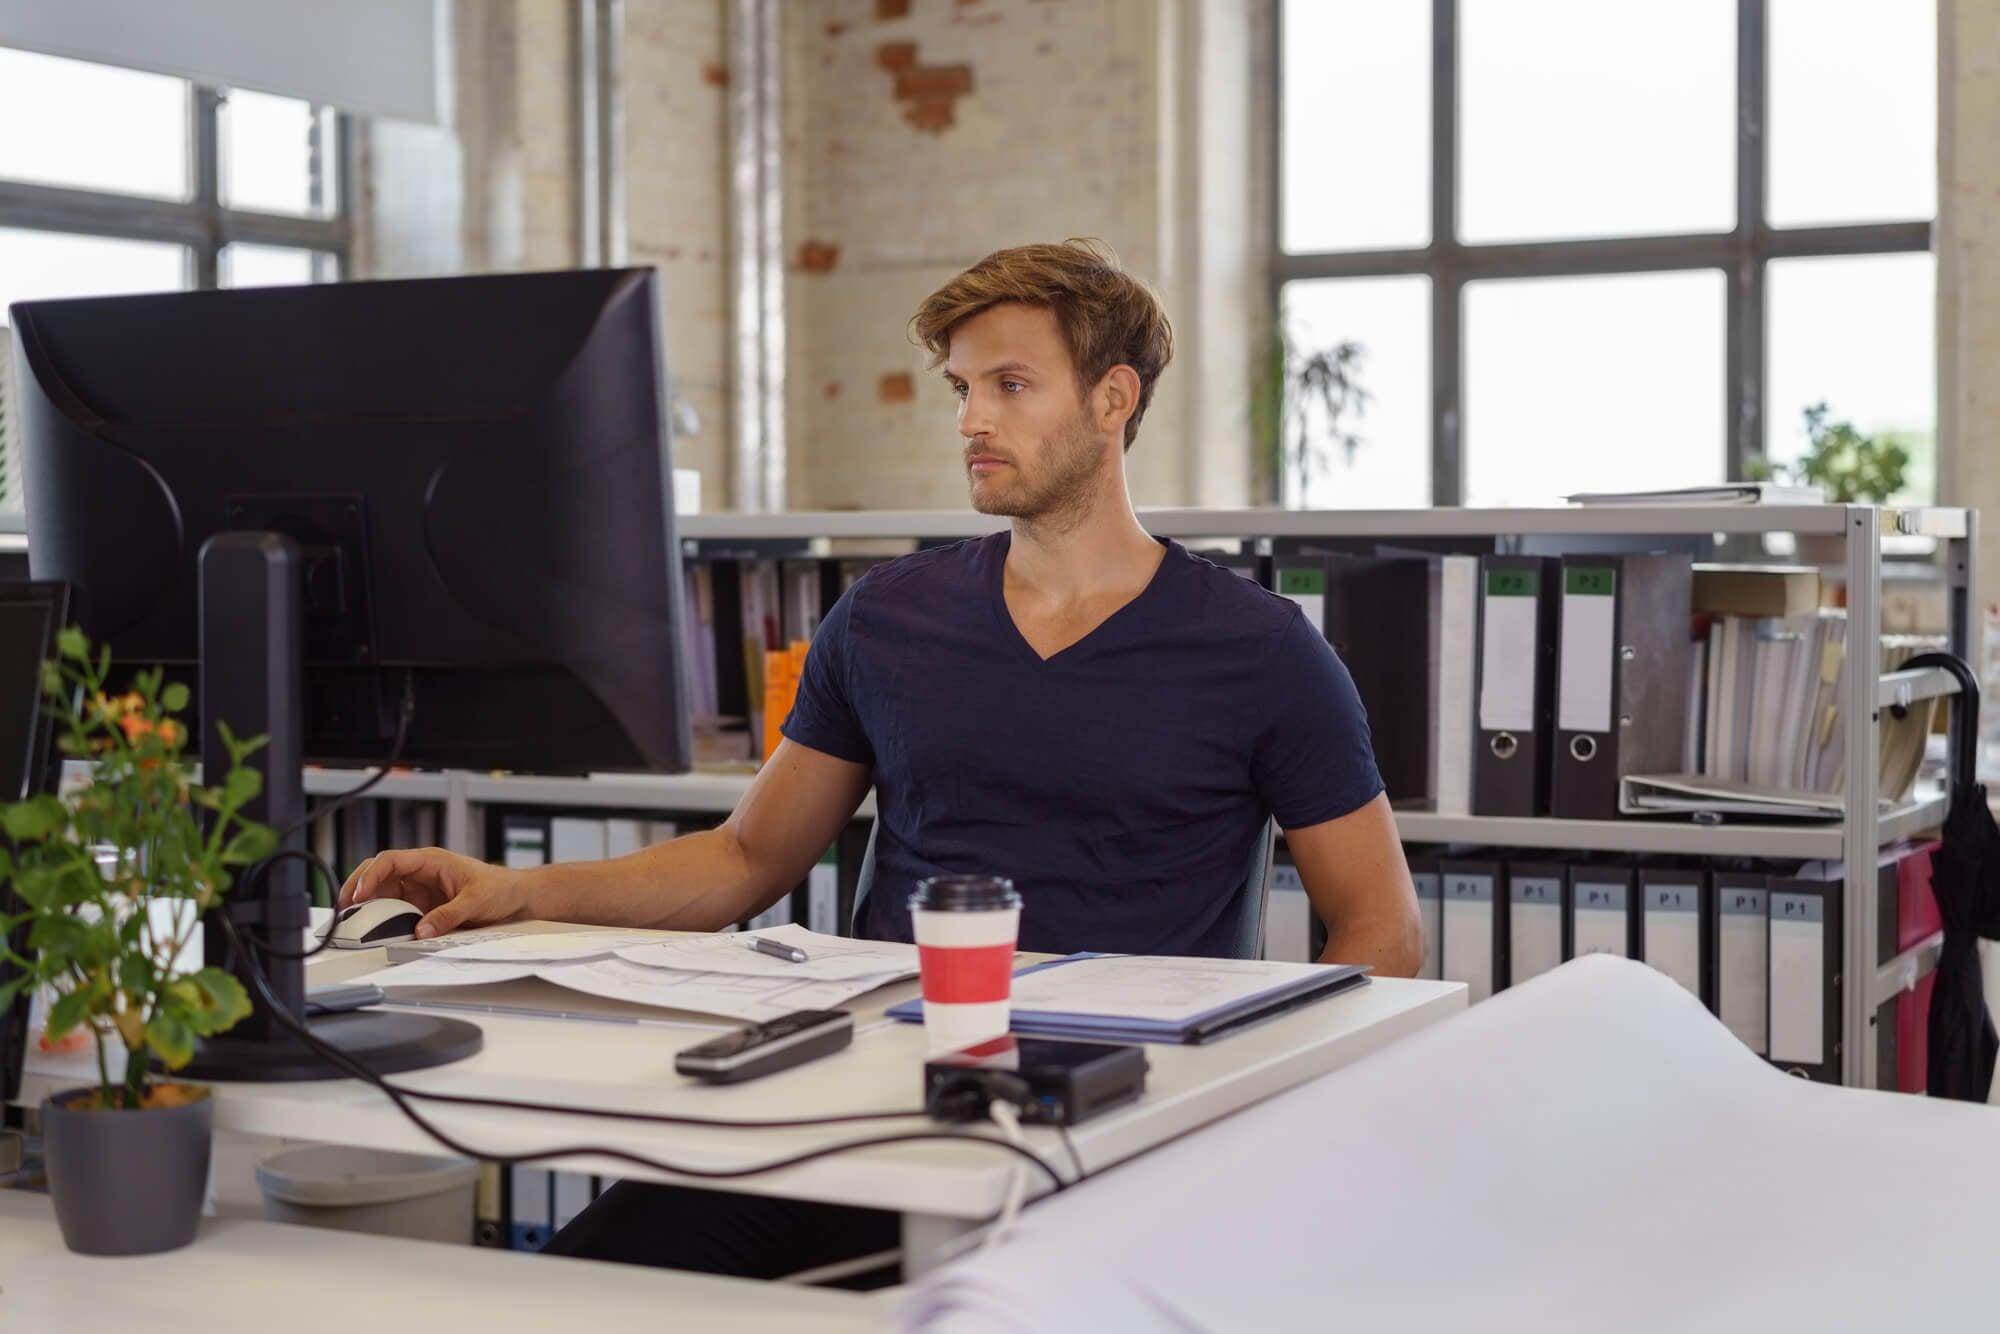 Organização do ambiente de trabalho: saiba como ela afeta a sua produtividade